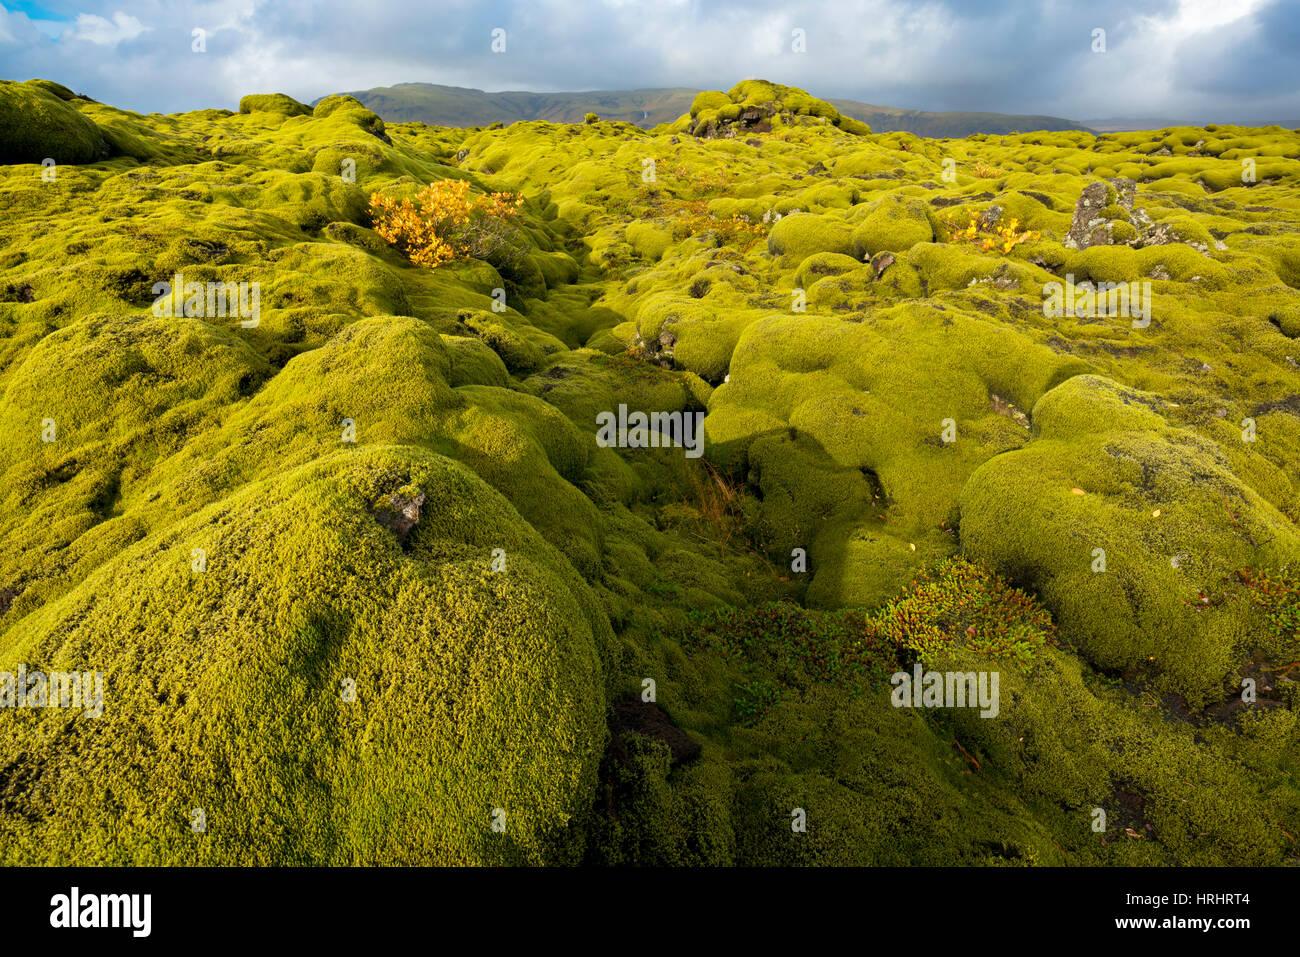 Paysage de lave couverts de mousse, le sud de l'Islande, les régions polaires Photo Stock